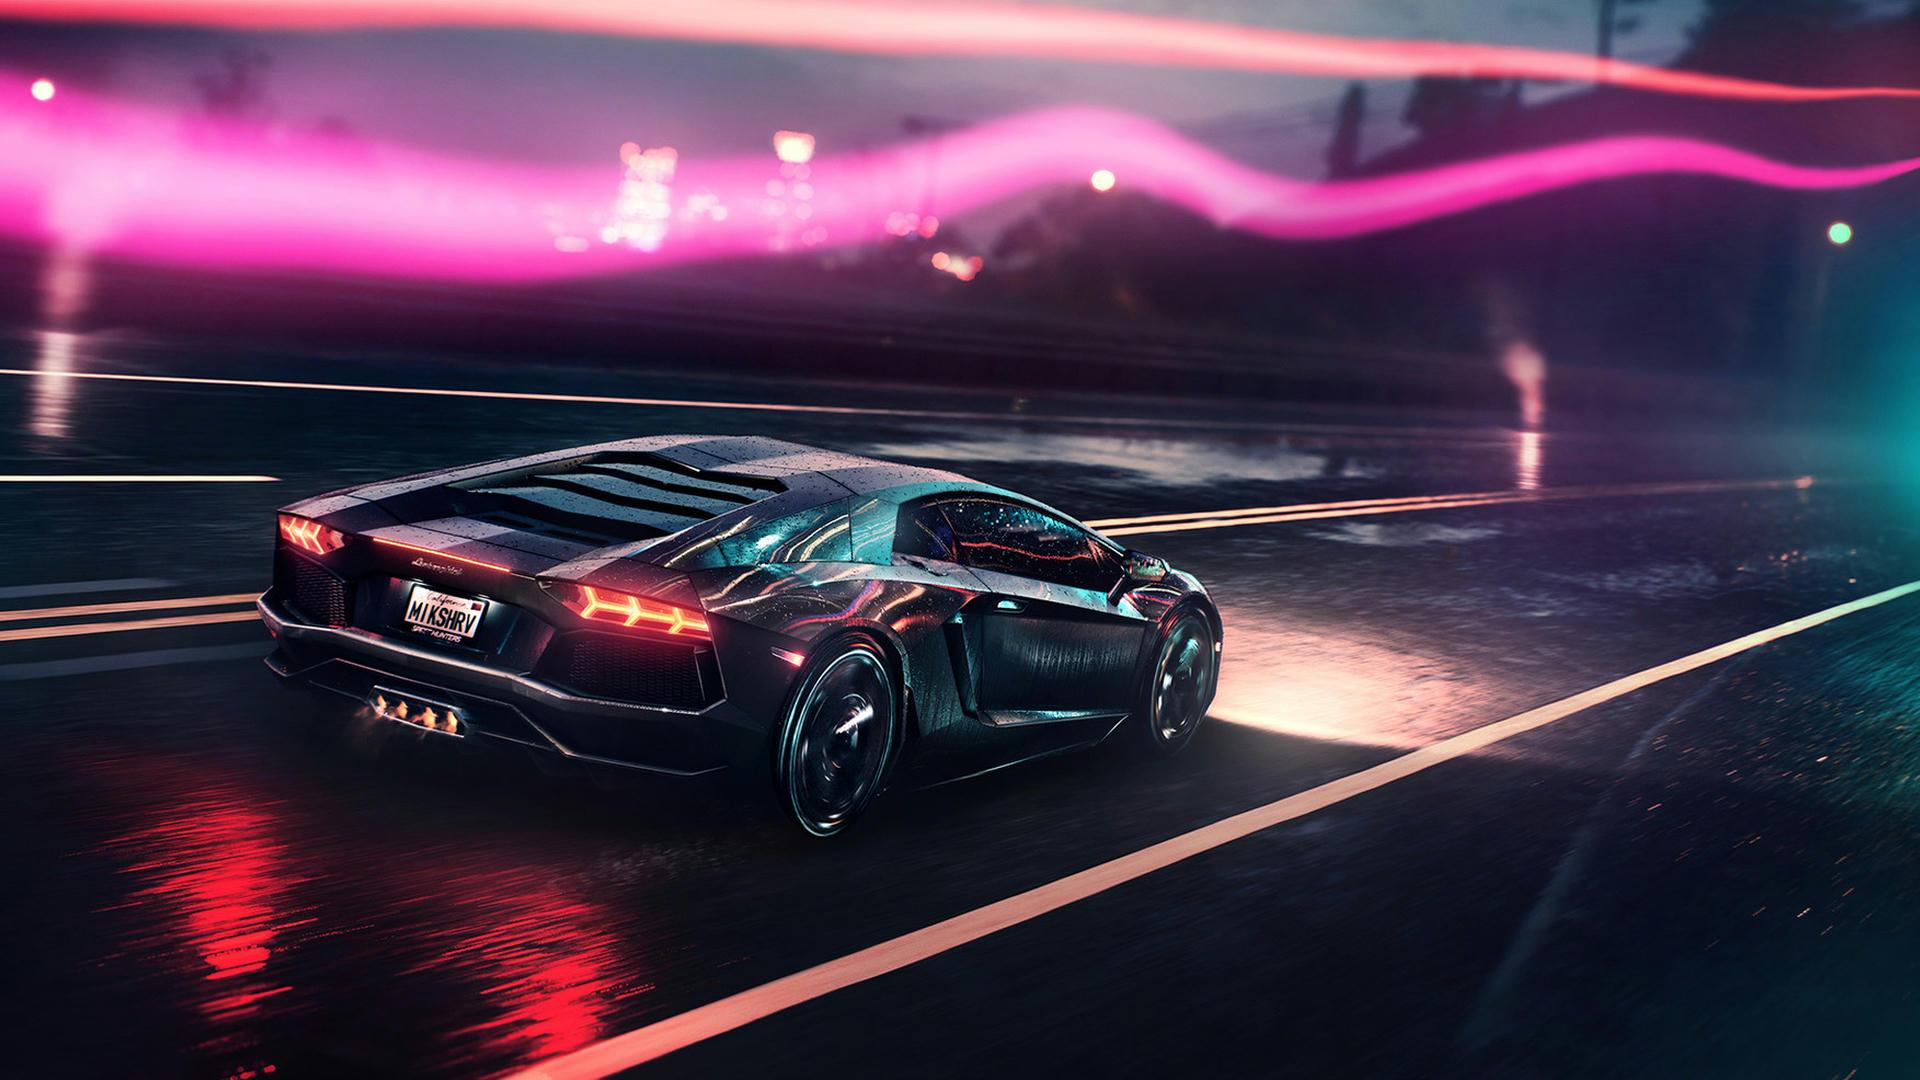 Lamborghini aventador wallpaper for windows 7